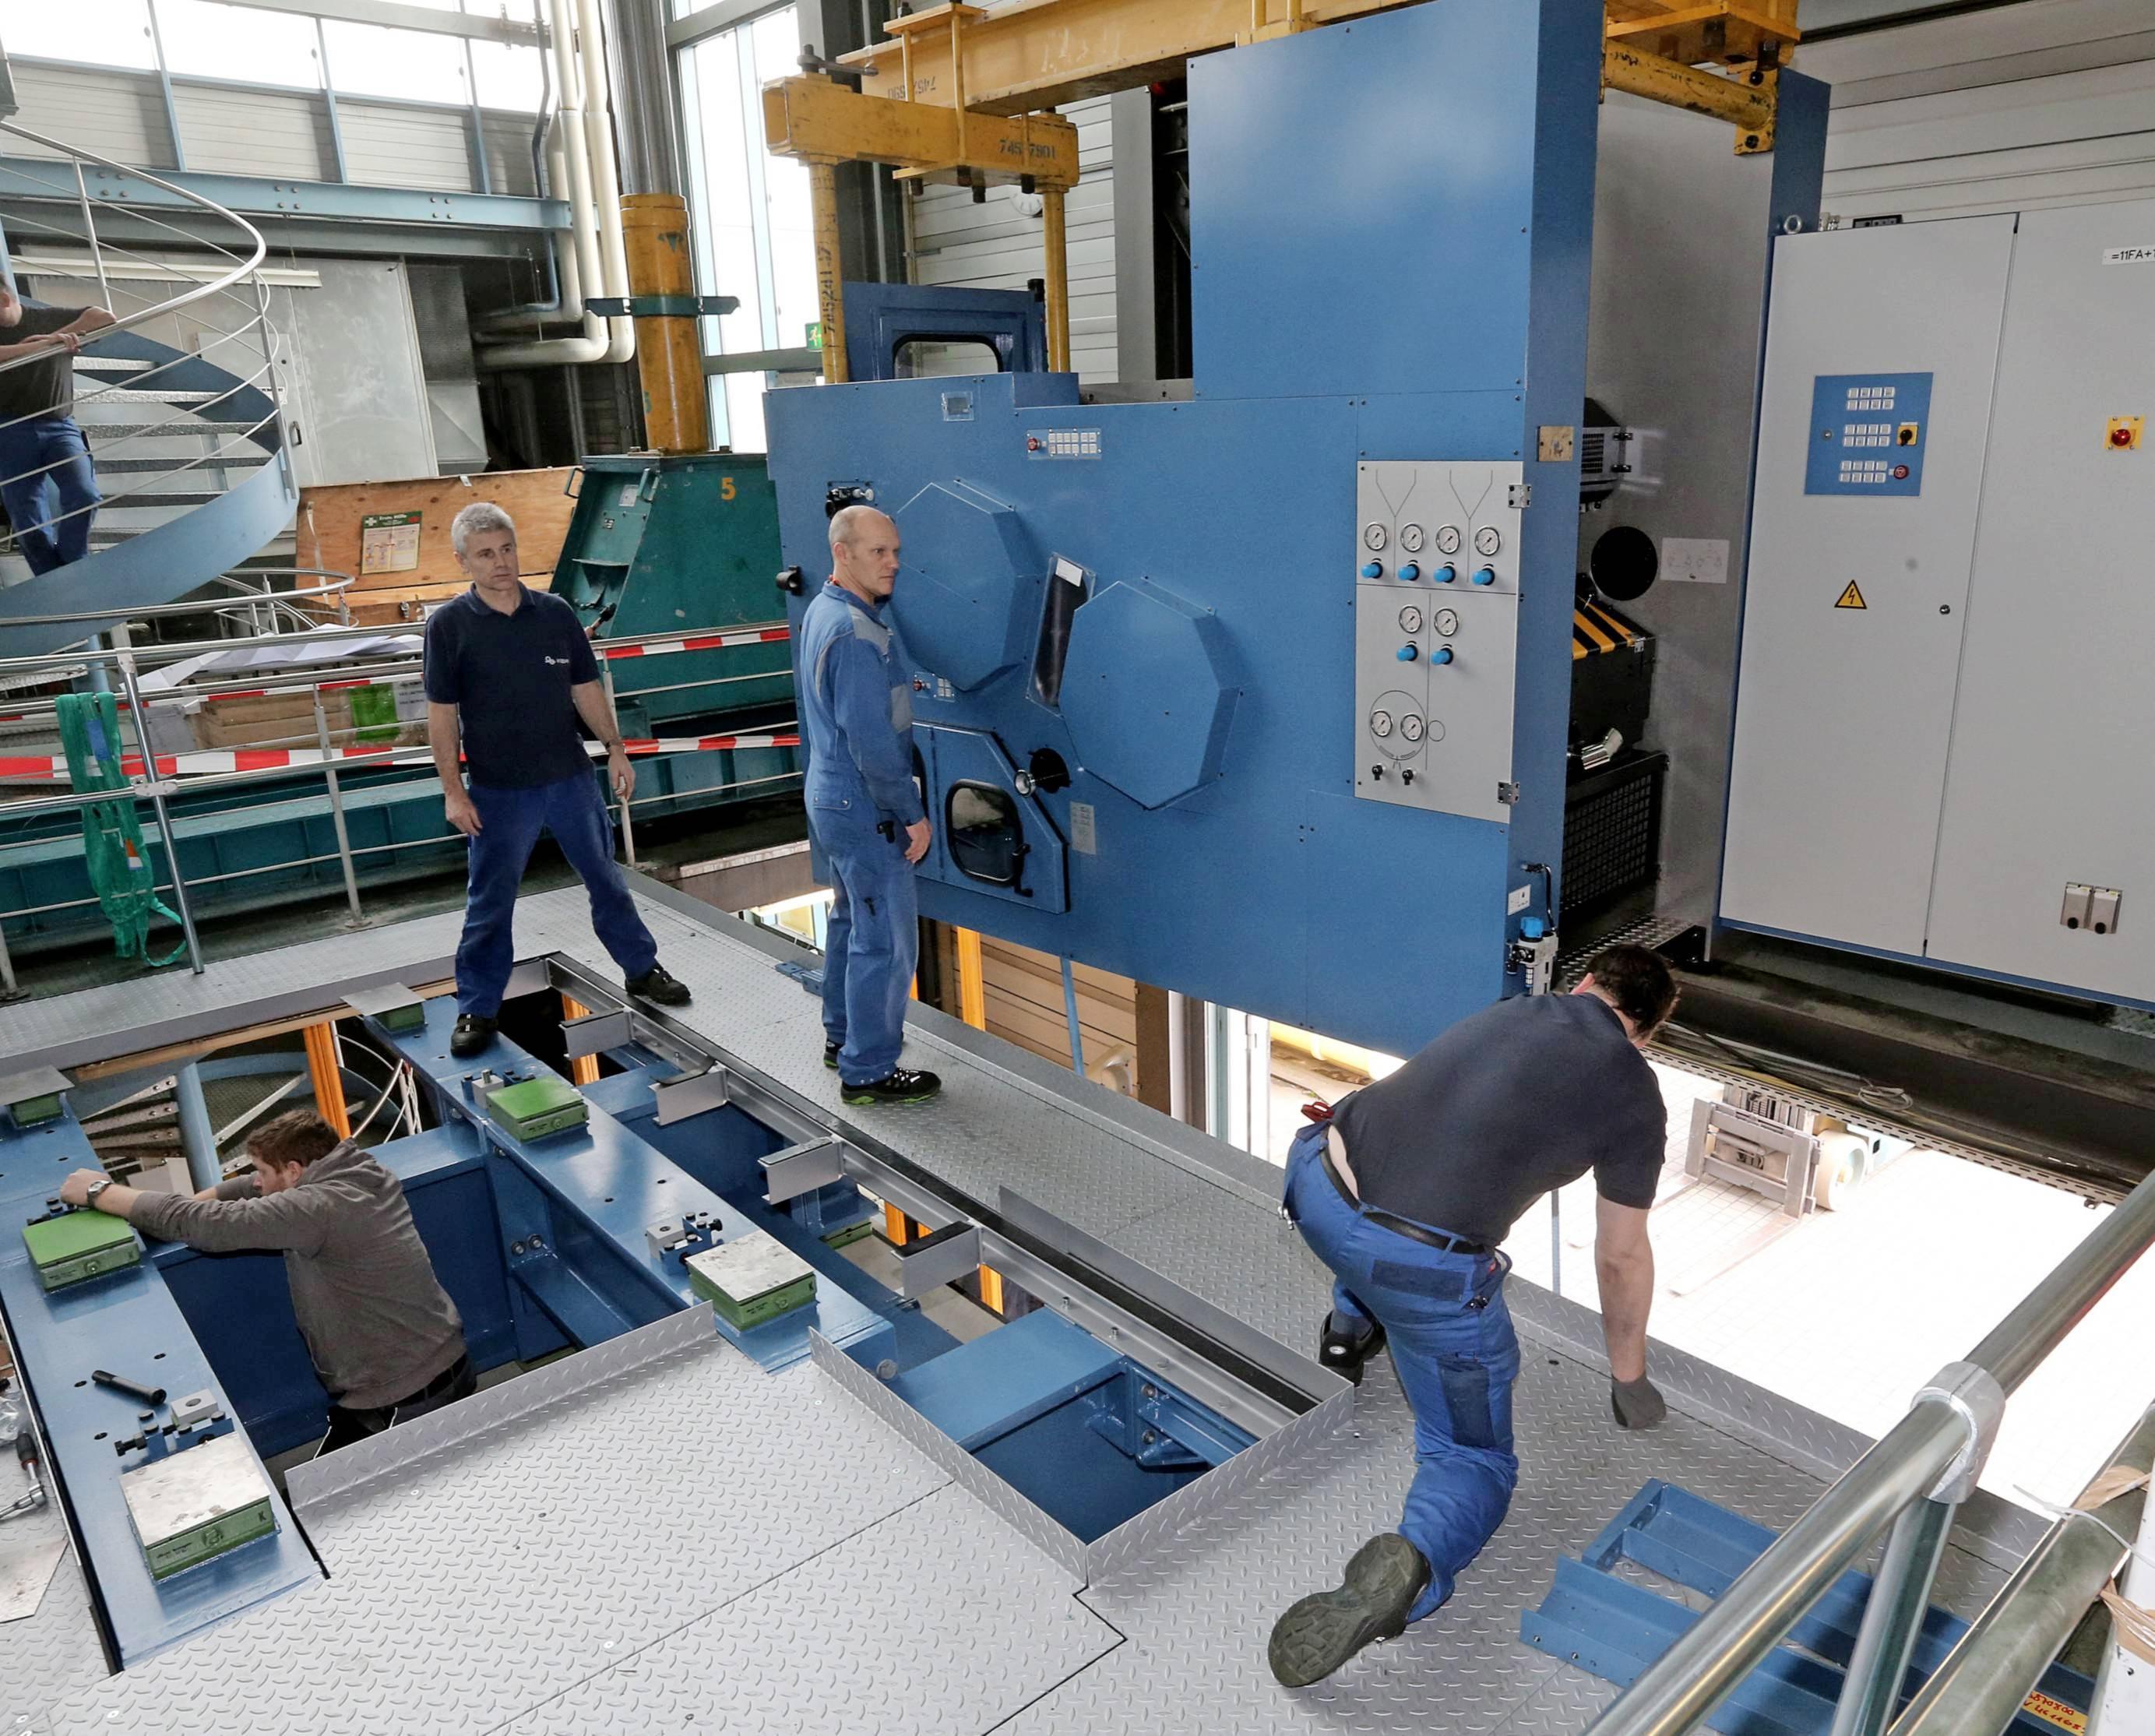 2014 werden im laufenden Betrieb zwei neue Druckmaschinen im Wert von 15 Millionen Euro installiert.